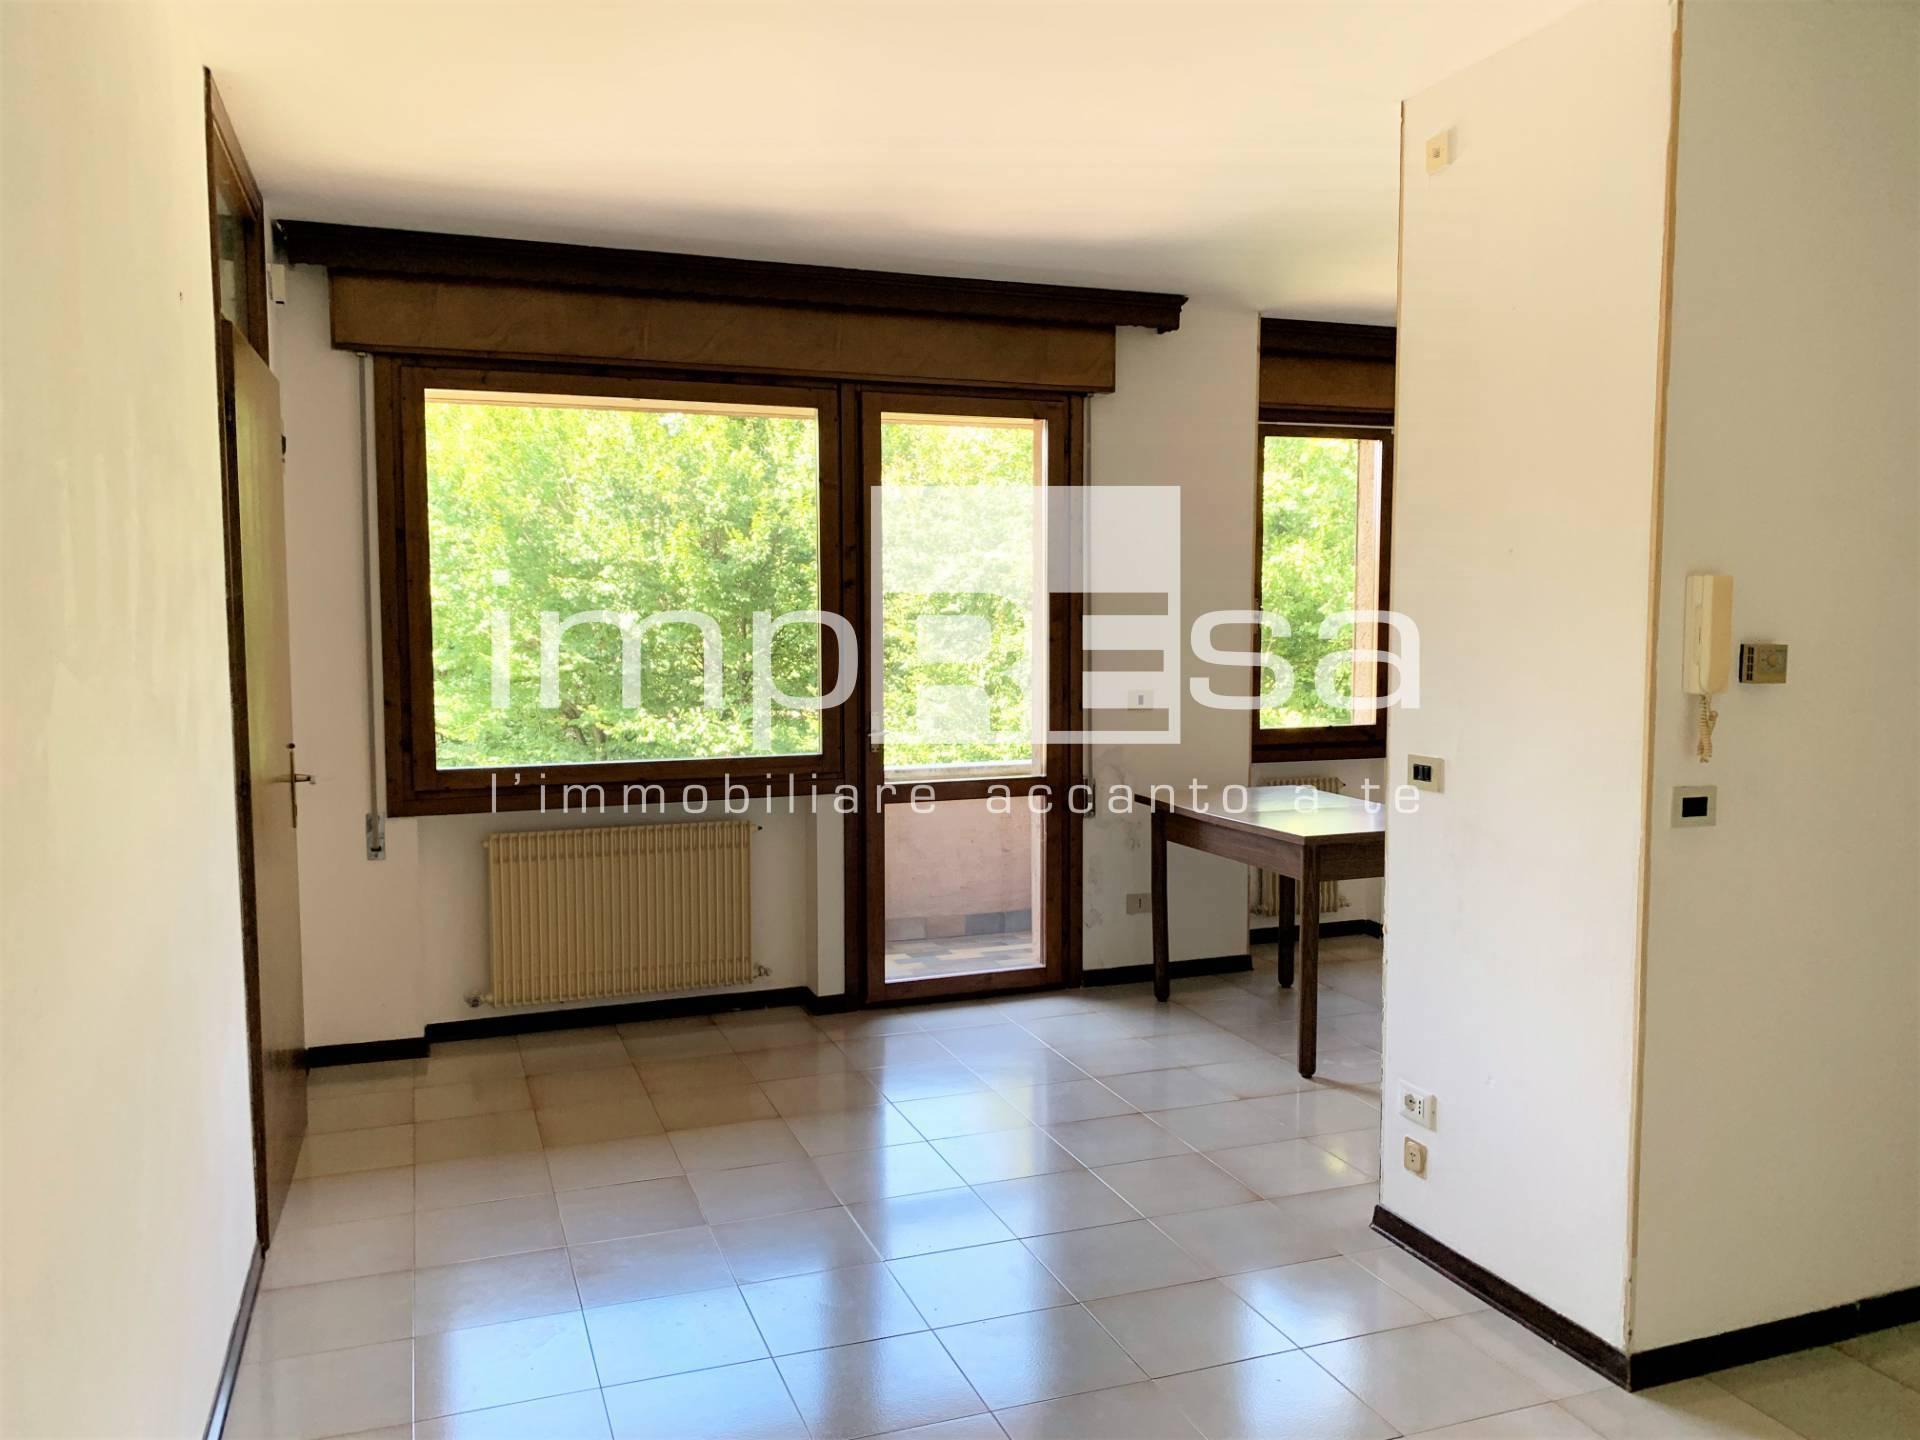 Appartamento in vendita a San Pietro di Feletto, 3 locali, zona Località: SanMichele, prezzo € 75.000   PortaleAgenzieImmobiliari.it